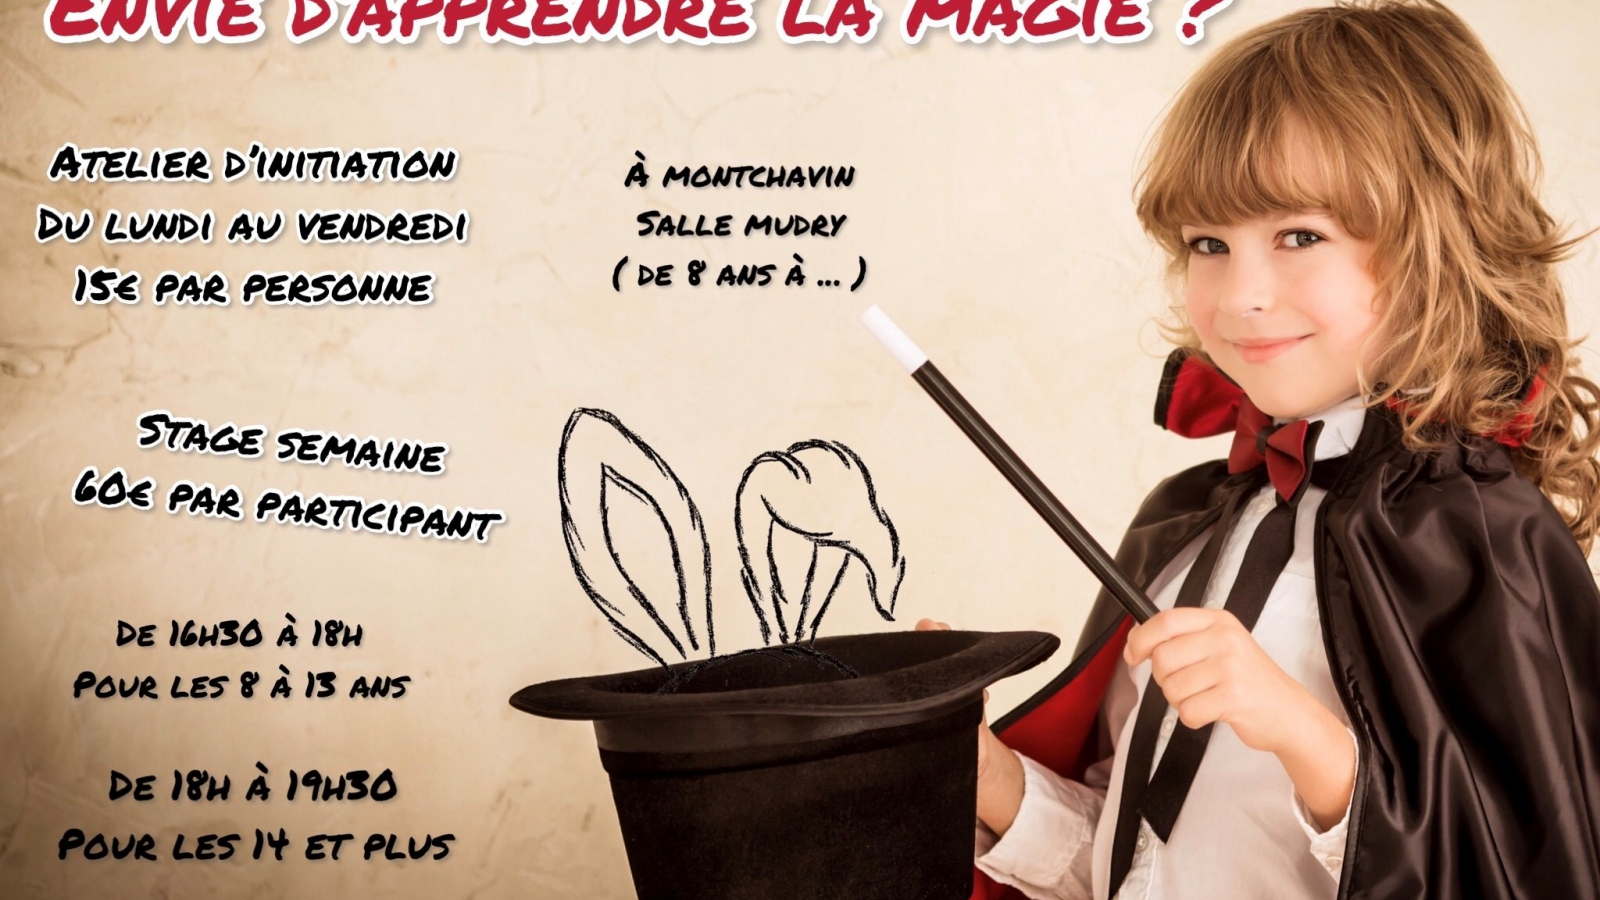 Atelier d'apprentissage de la magie